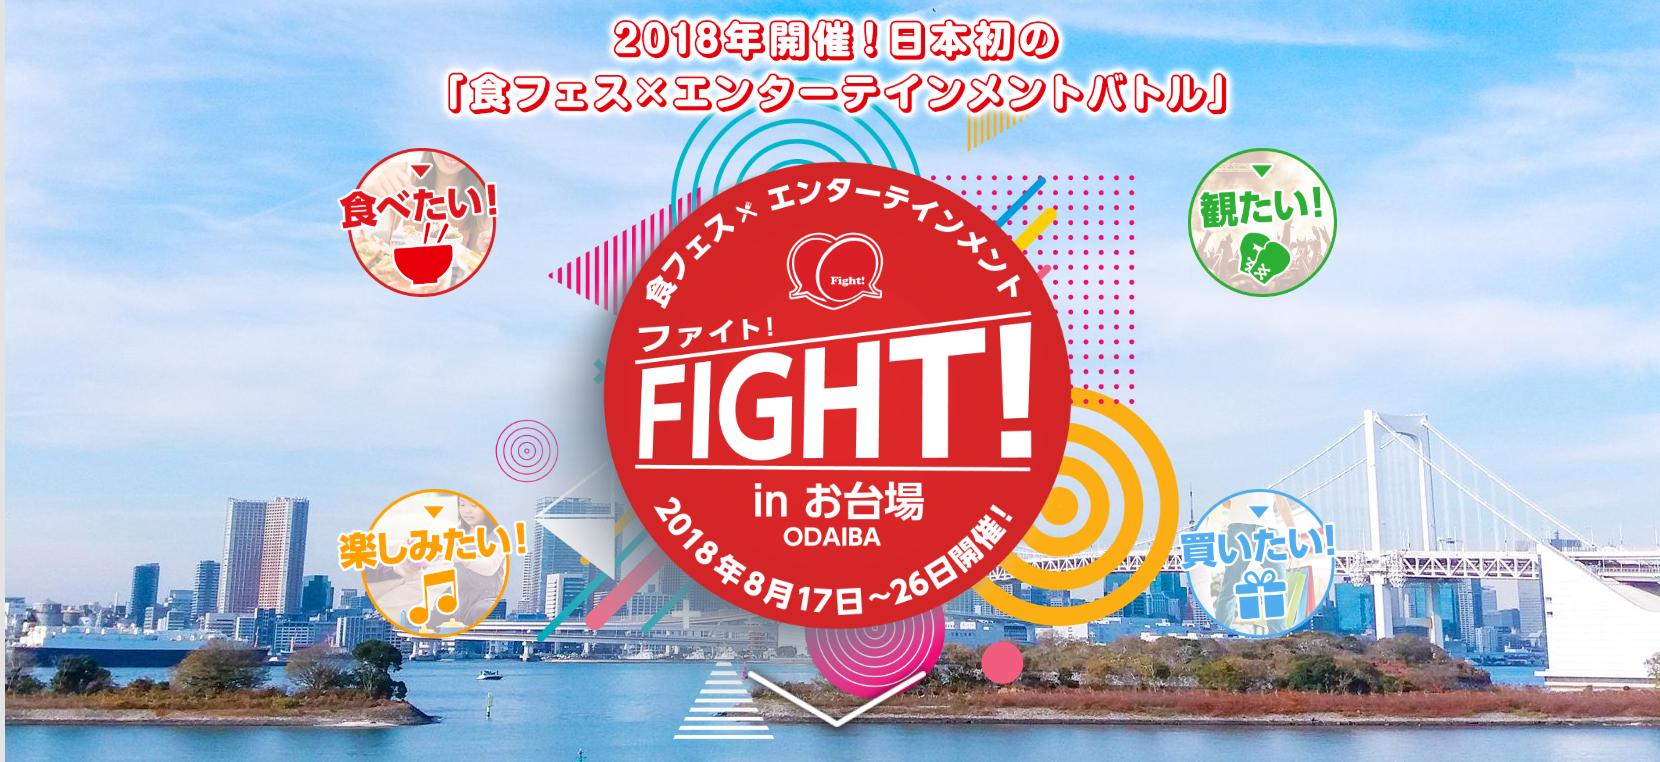 8/17(金)-26(日) Fight! in お台場2018 ~食フェスとエンターテインメントをコラボさせた日本最大級イベントinお台場~(韓国アーティスト出演:EXID/Koo HaRa/LABOUM/KARD/April)